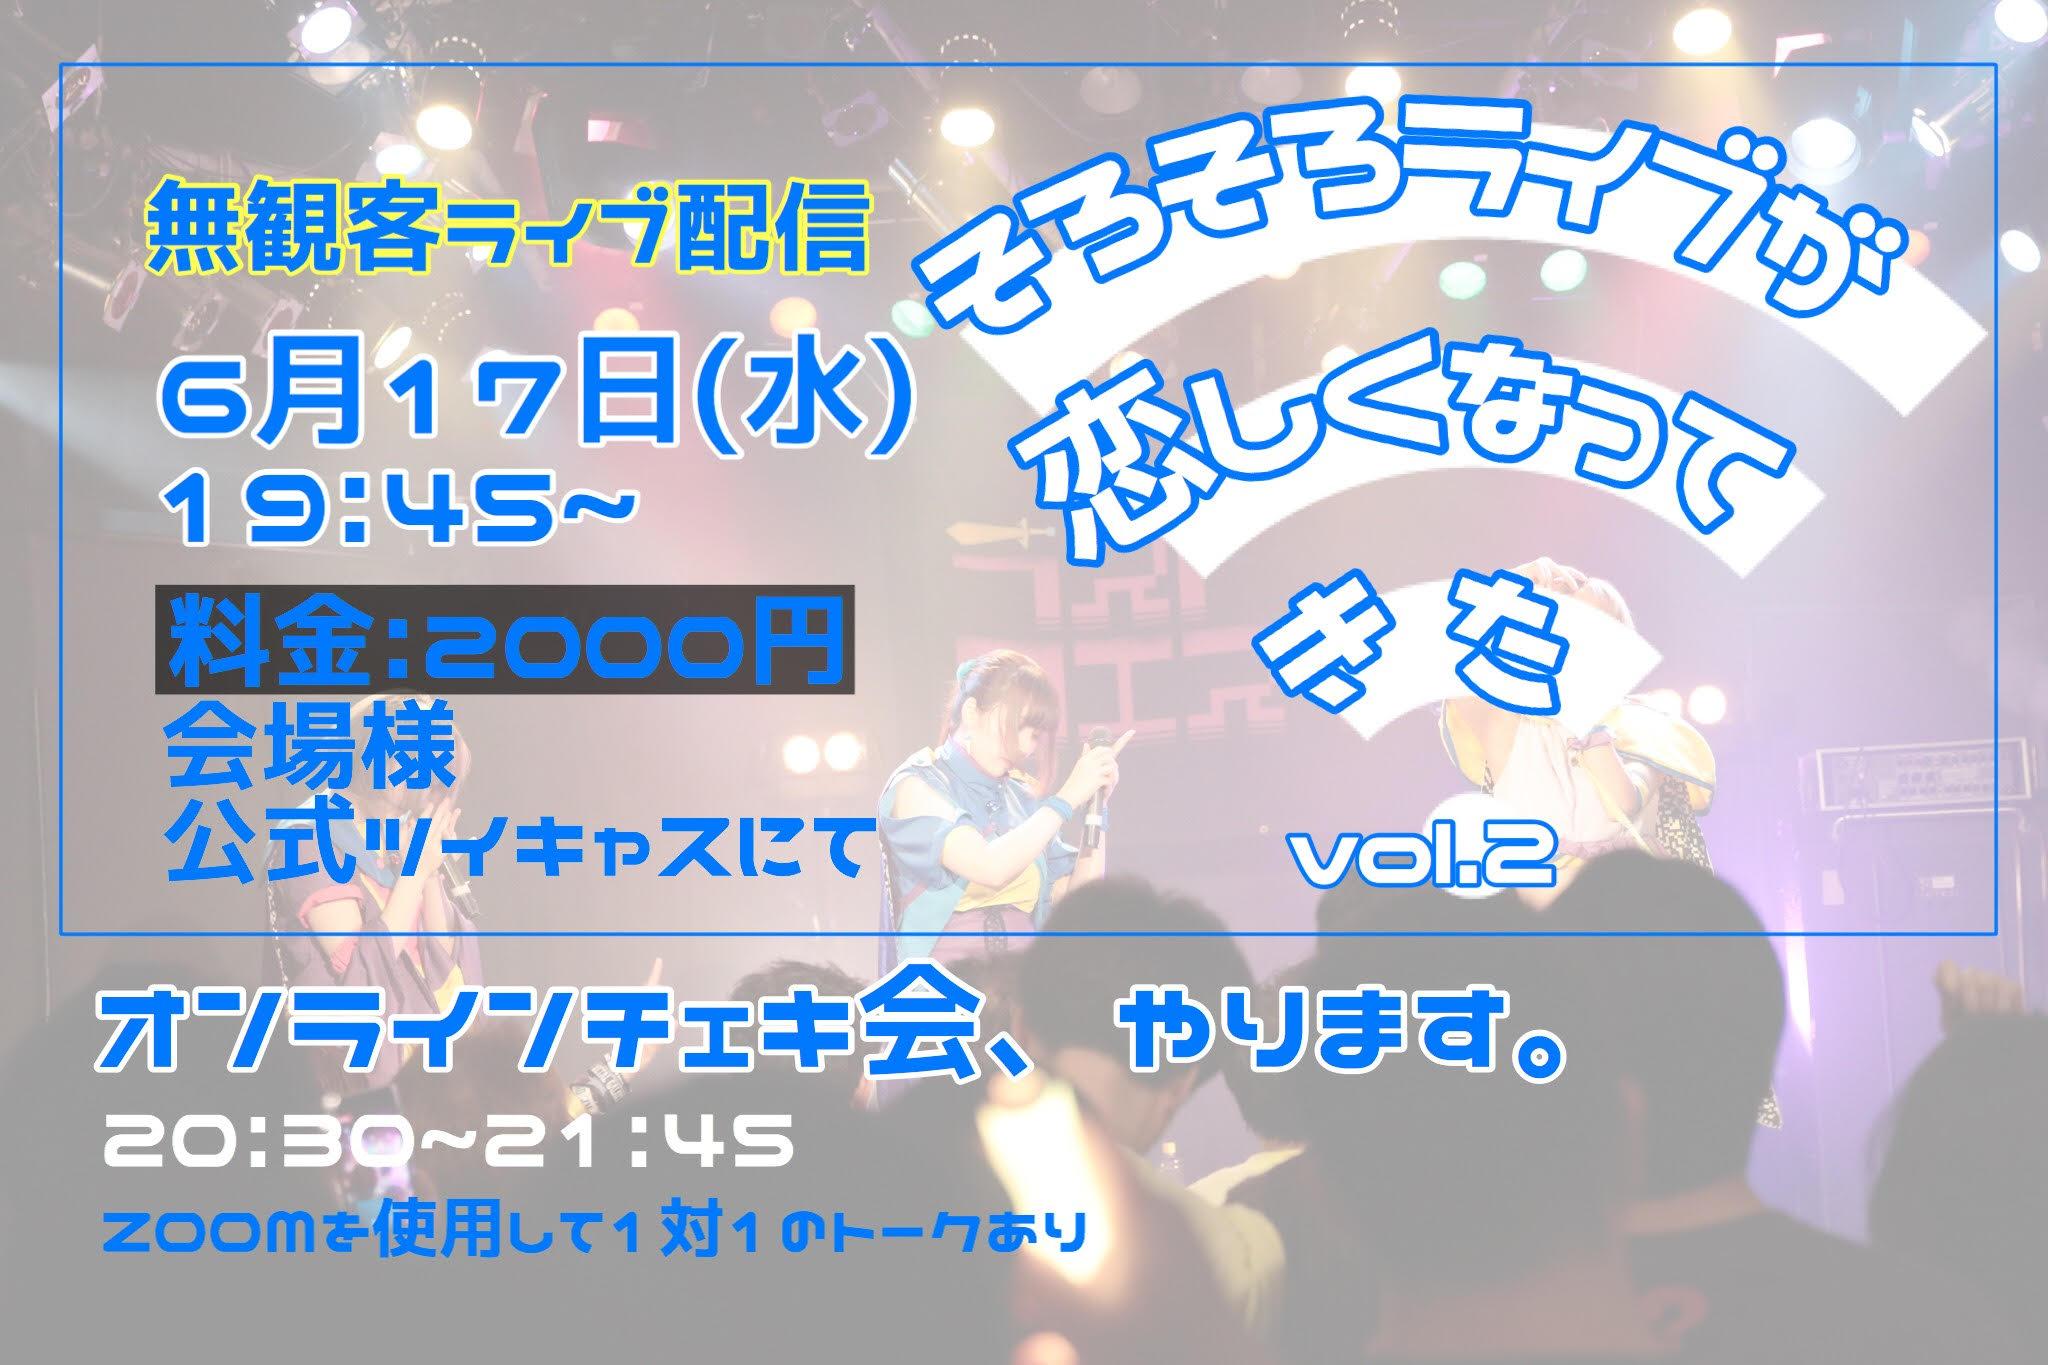 オンラインチェキ会 参加券 (6/17)